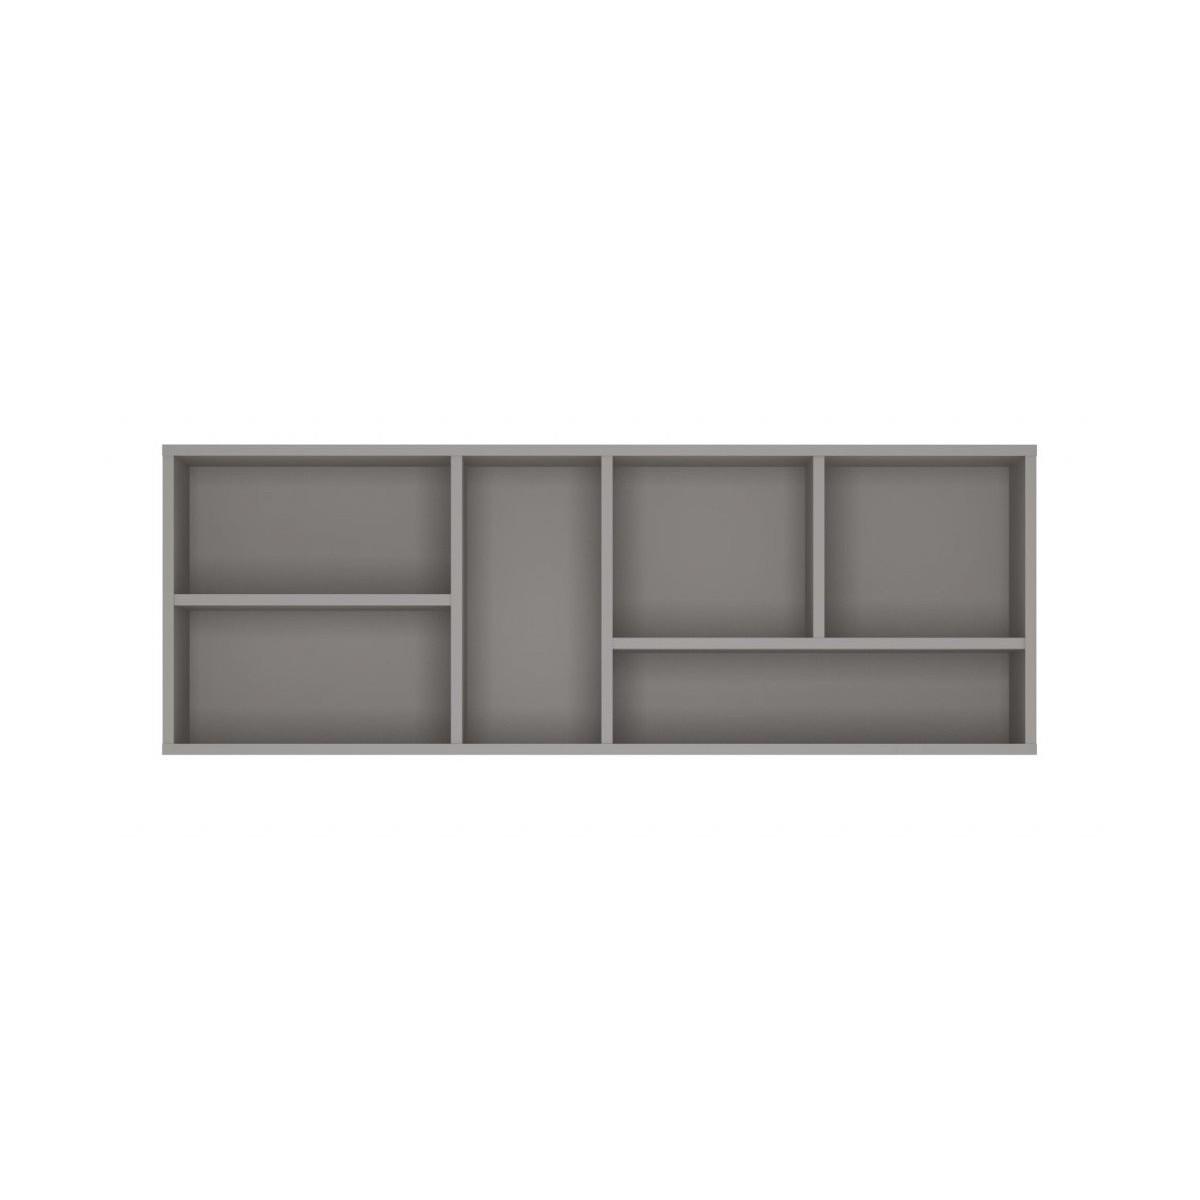 Półka do pokoju młodzieżowego szary platynowy, czarna perła / biała alpejska Laser LASP01